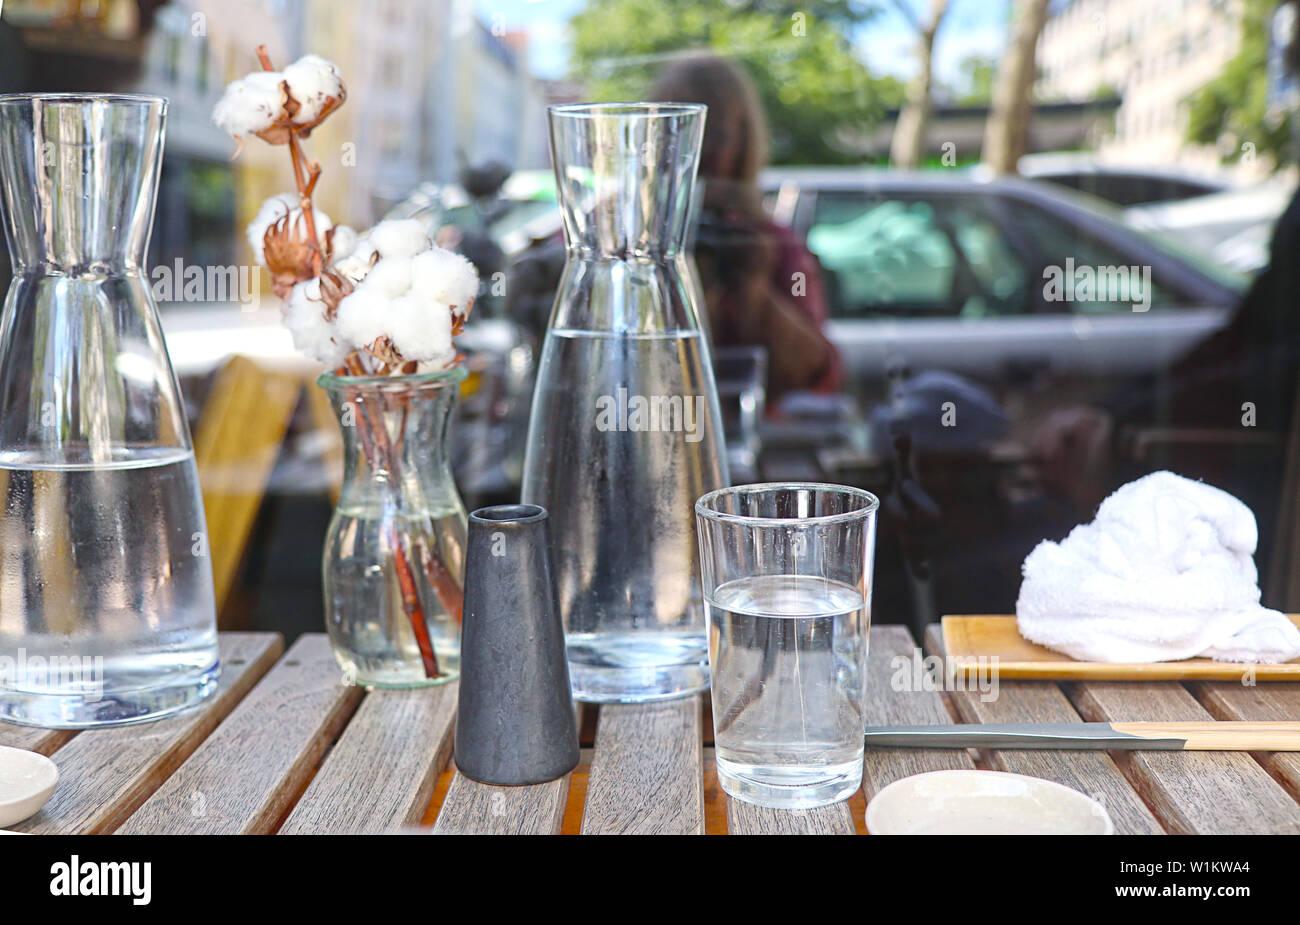 L'attente pour l'alimentation en plein air avec de l'eau, serviette humide et la décoration sur la table Banque D'Images